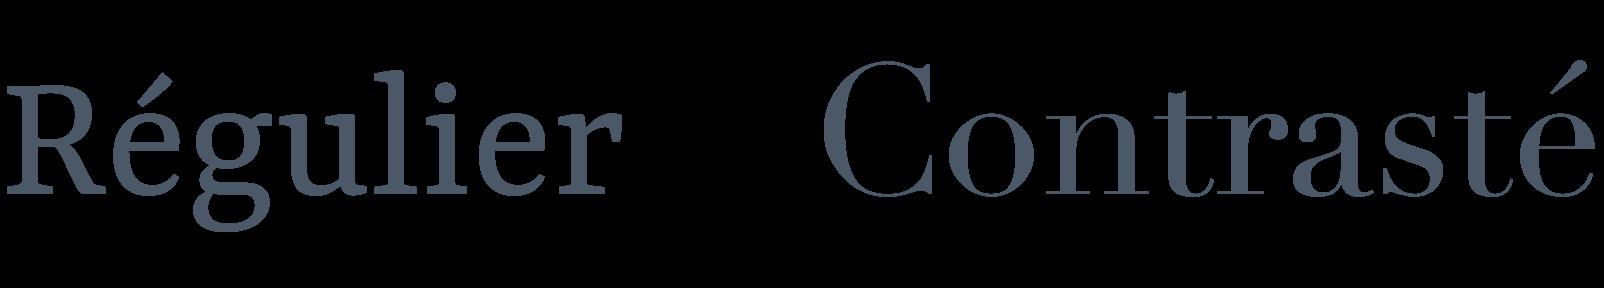 Exemple de polices d'écritures avec différents contrastes